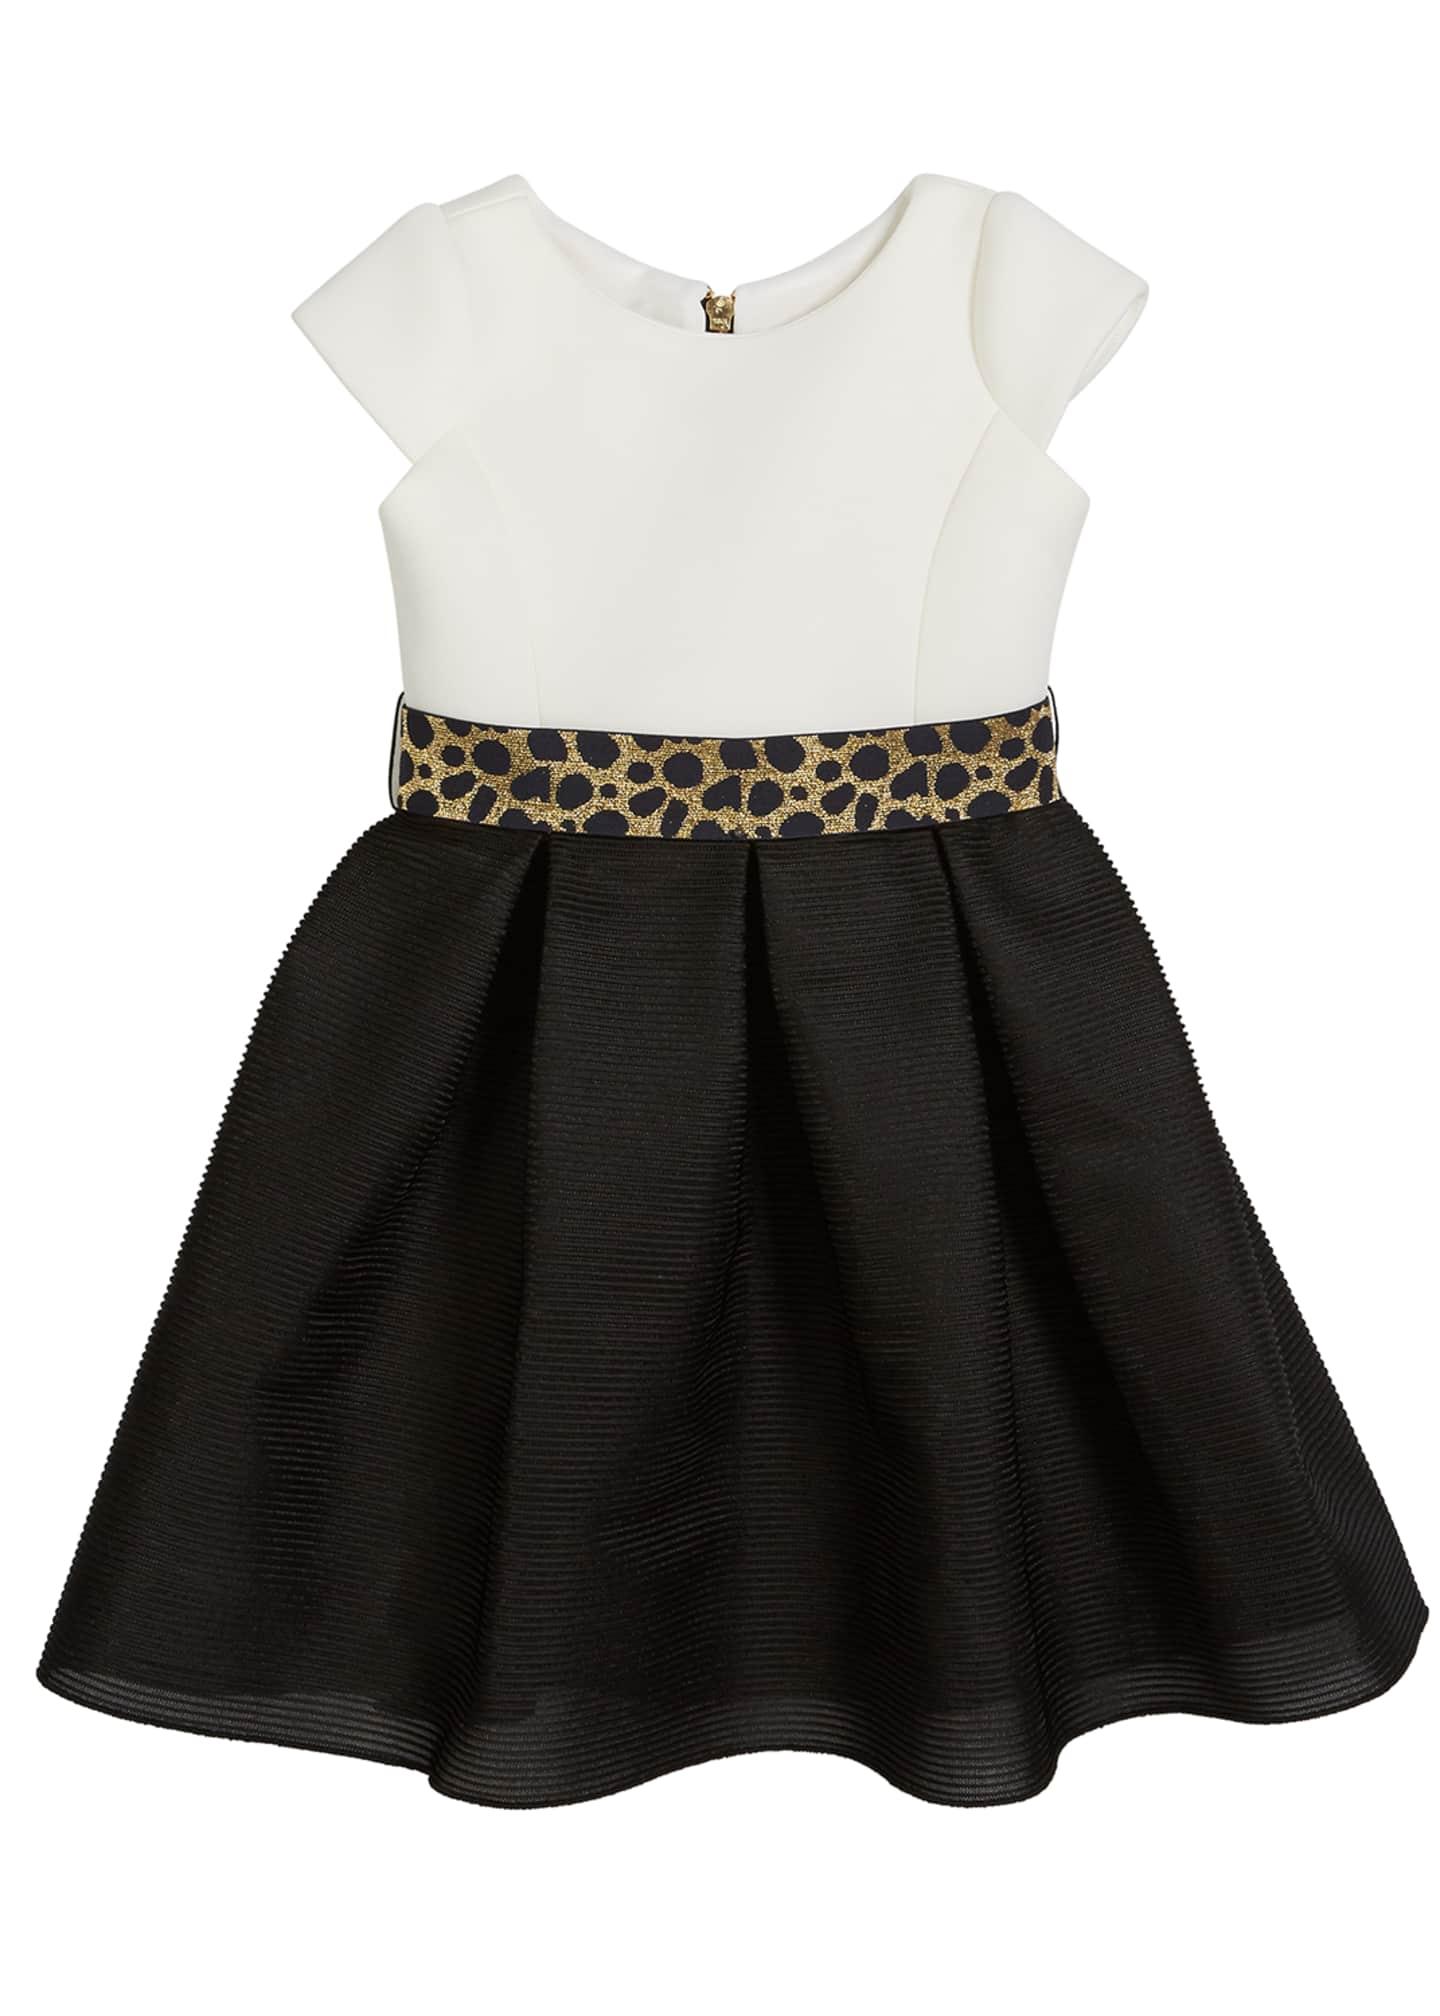 Zoe Brielle Two-Tone Knit Dress w/ Metallic Belt,